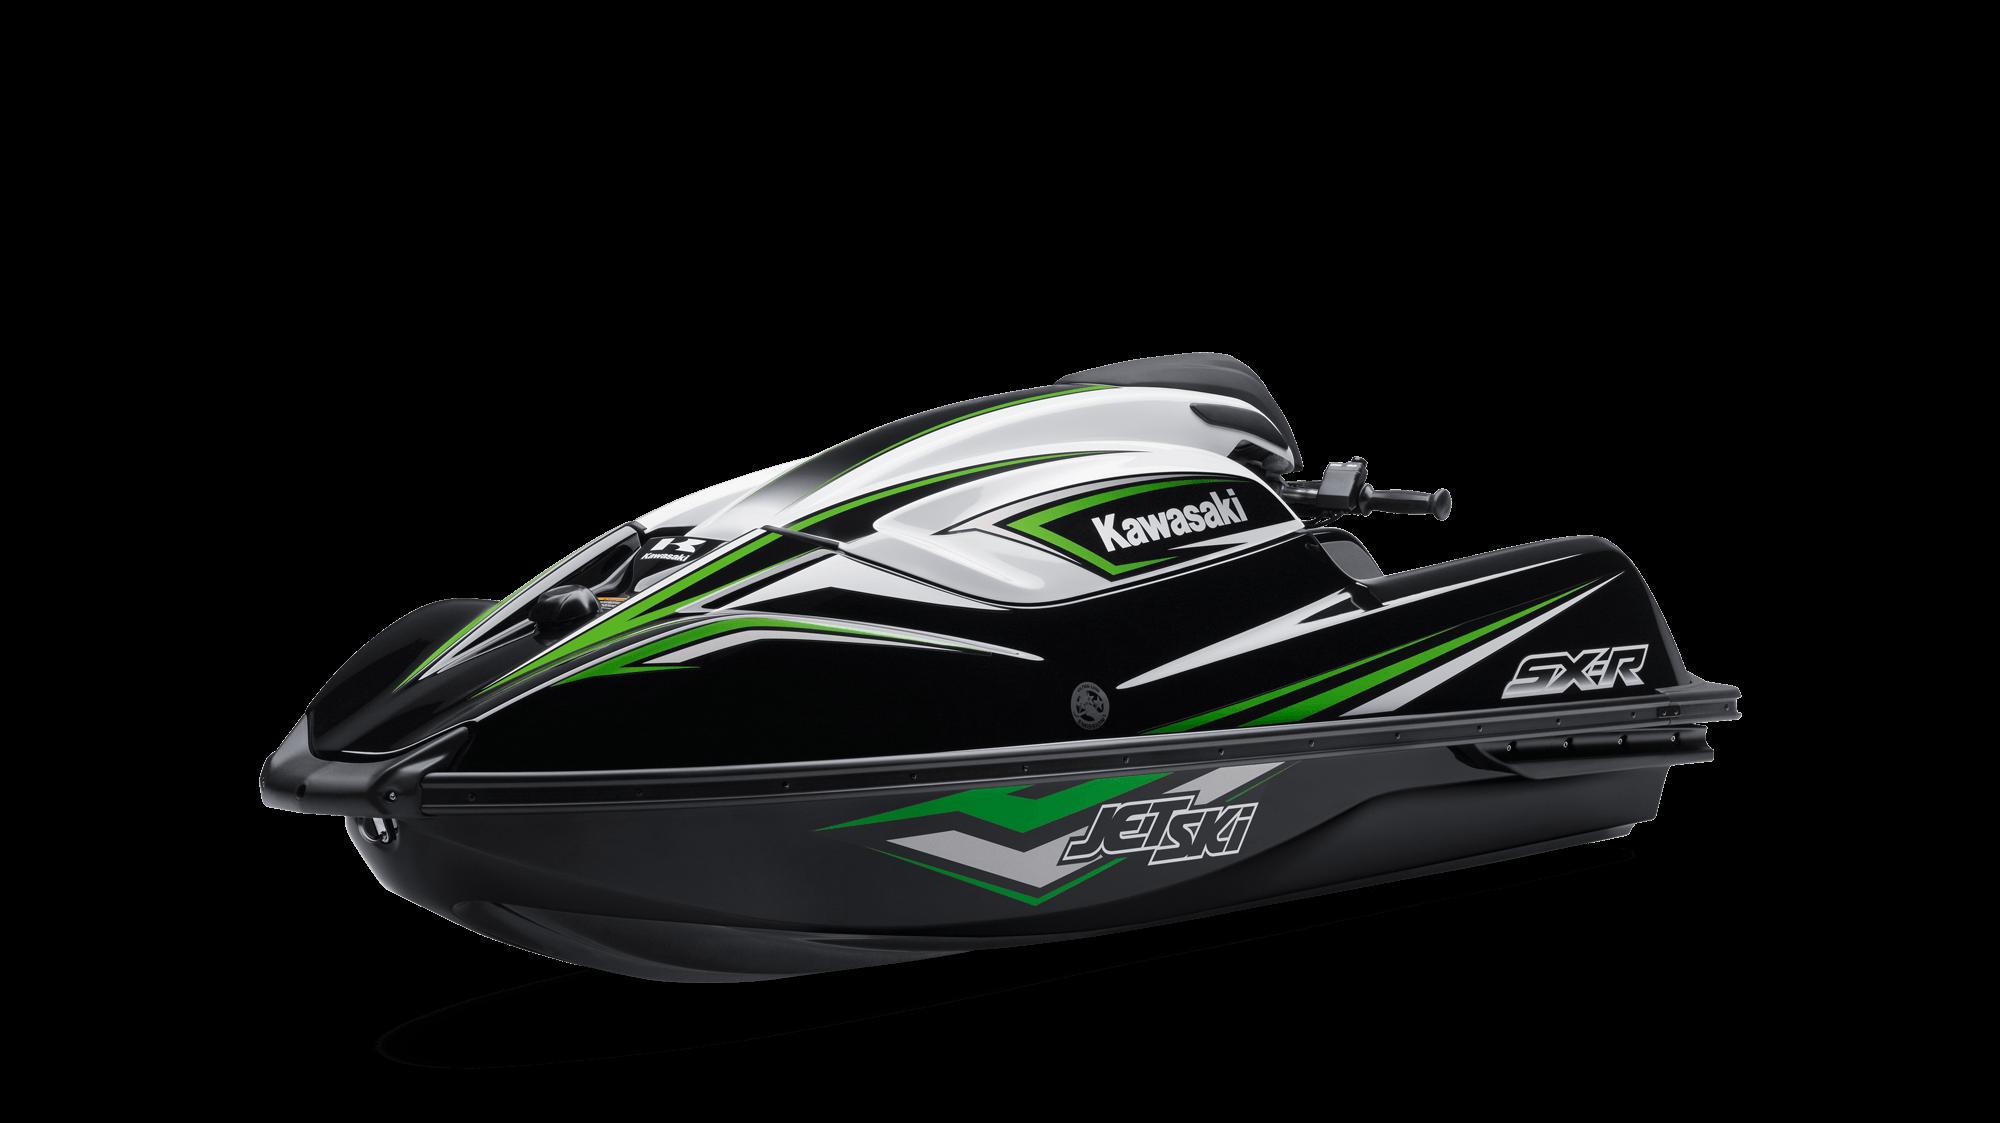 Kawasaki Sxr Price